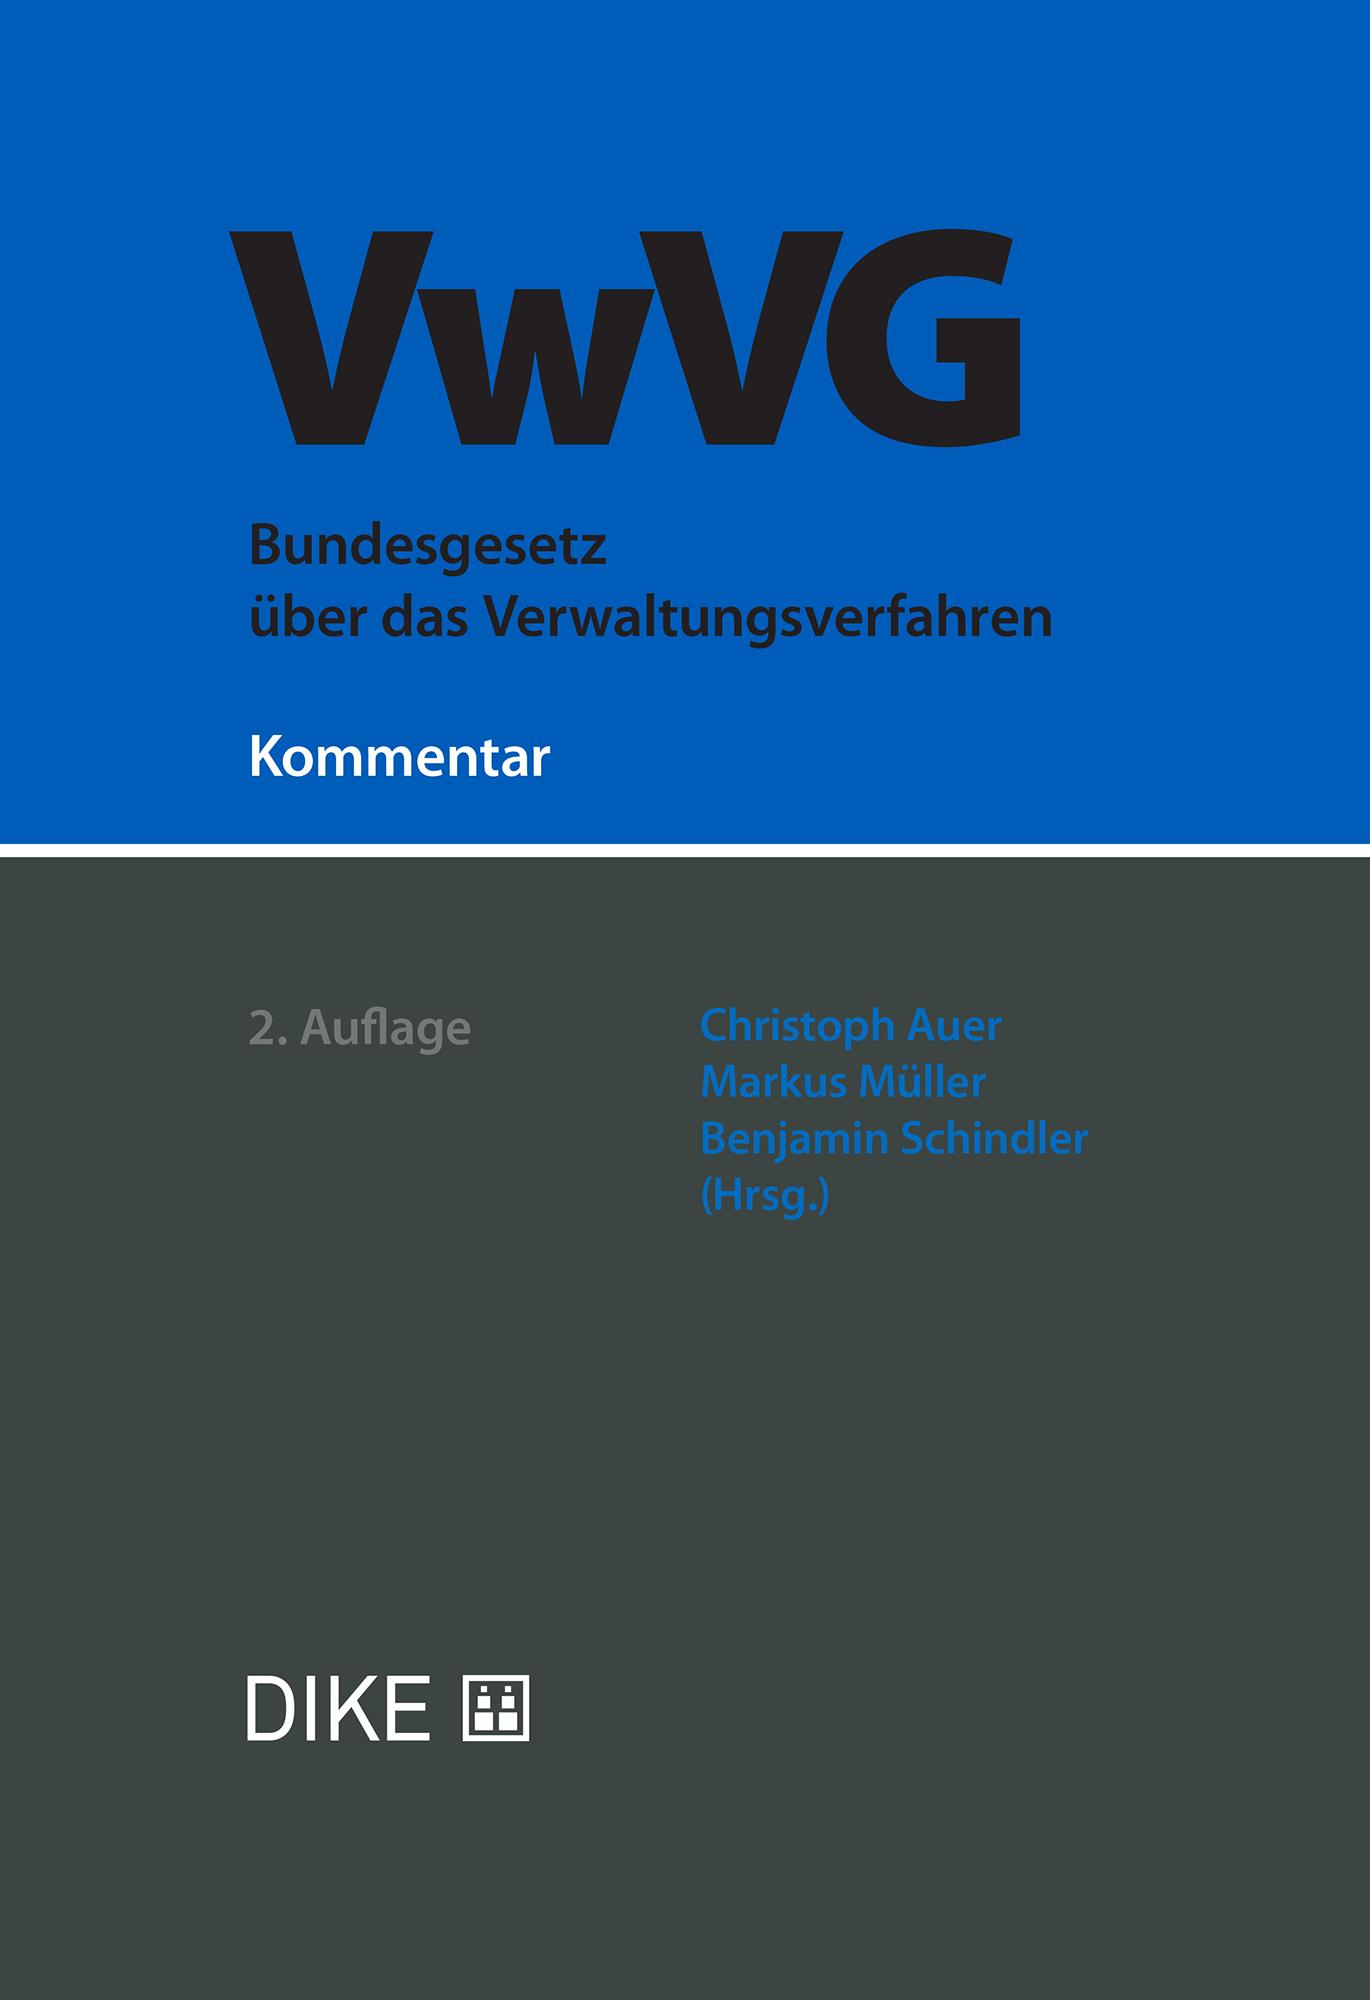 Bundesgesetz über das Verwaltungsverfahren (VwVG)